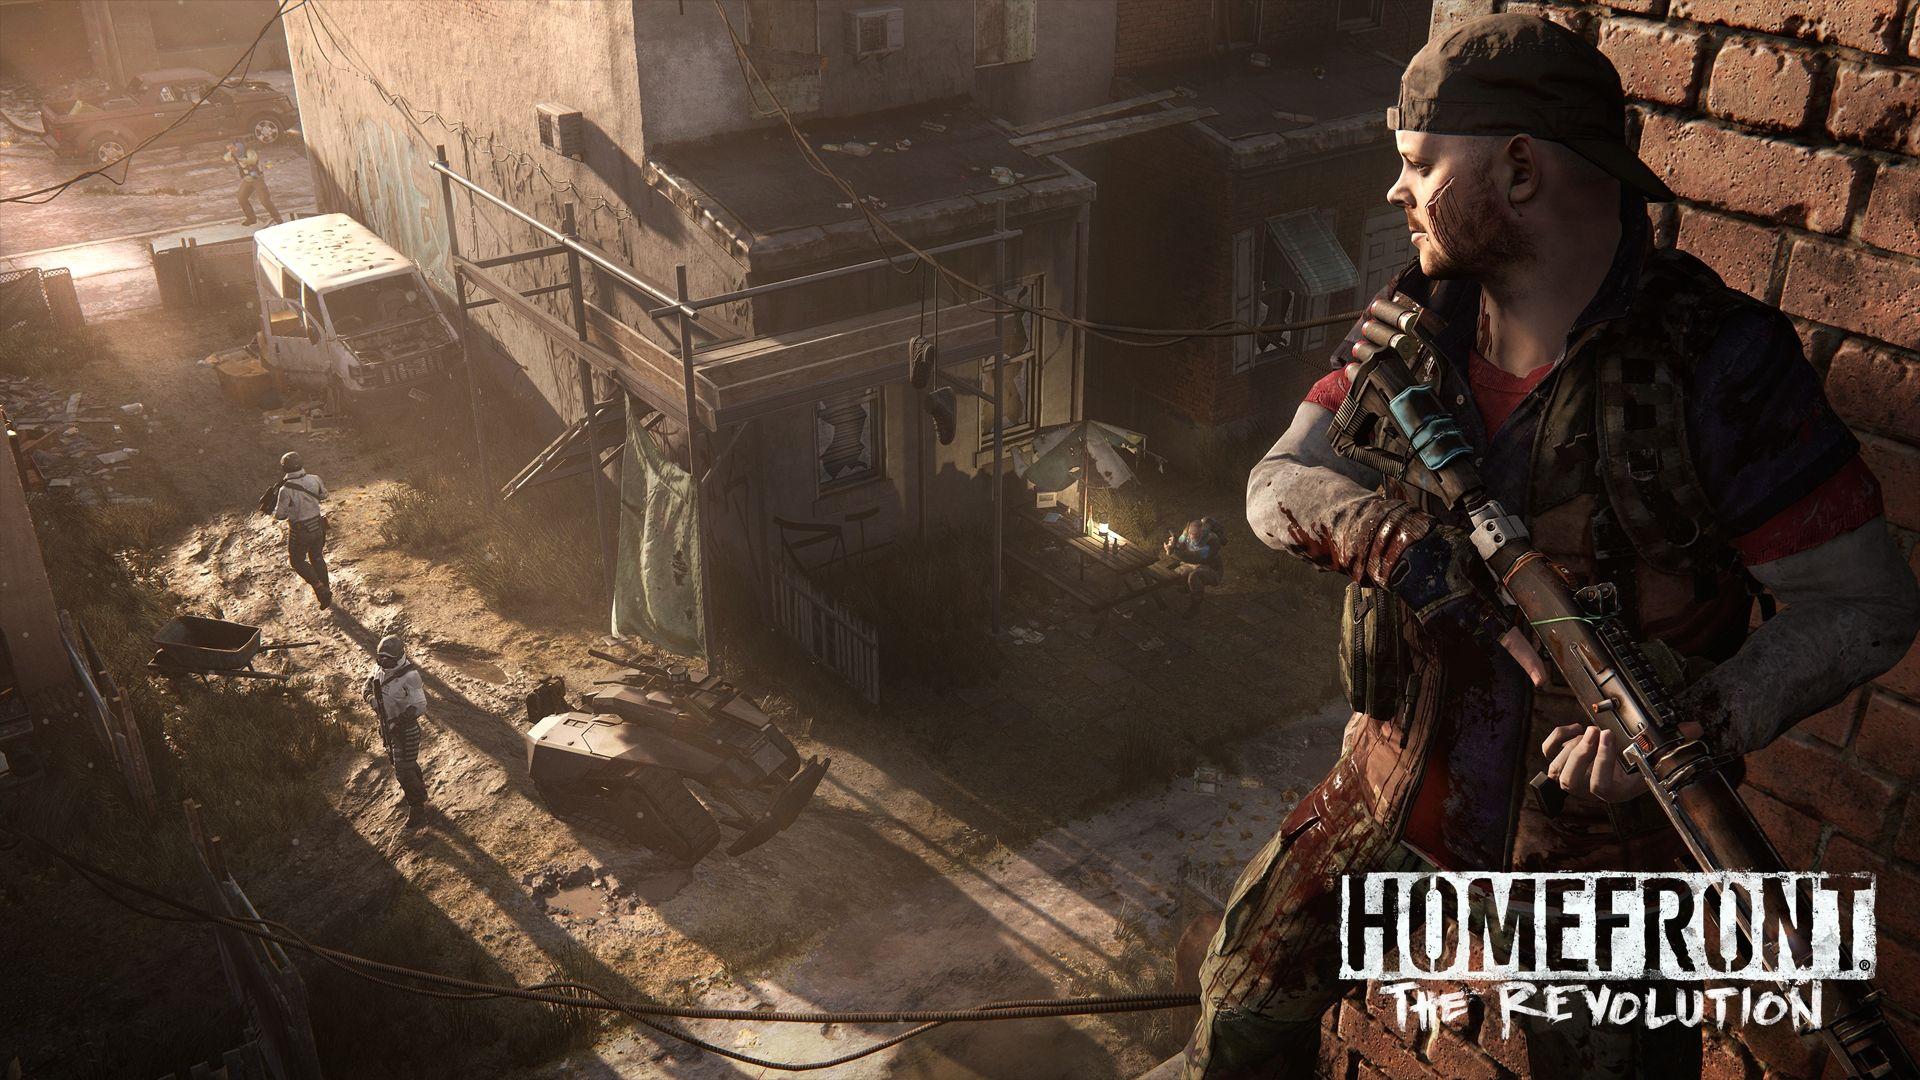 [E3 14] Primeras imágenes y trailer de Homefront: The Revolution para PS4, Xbox One y PC Q6gw